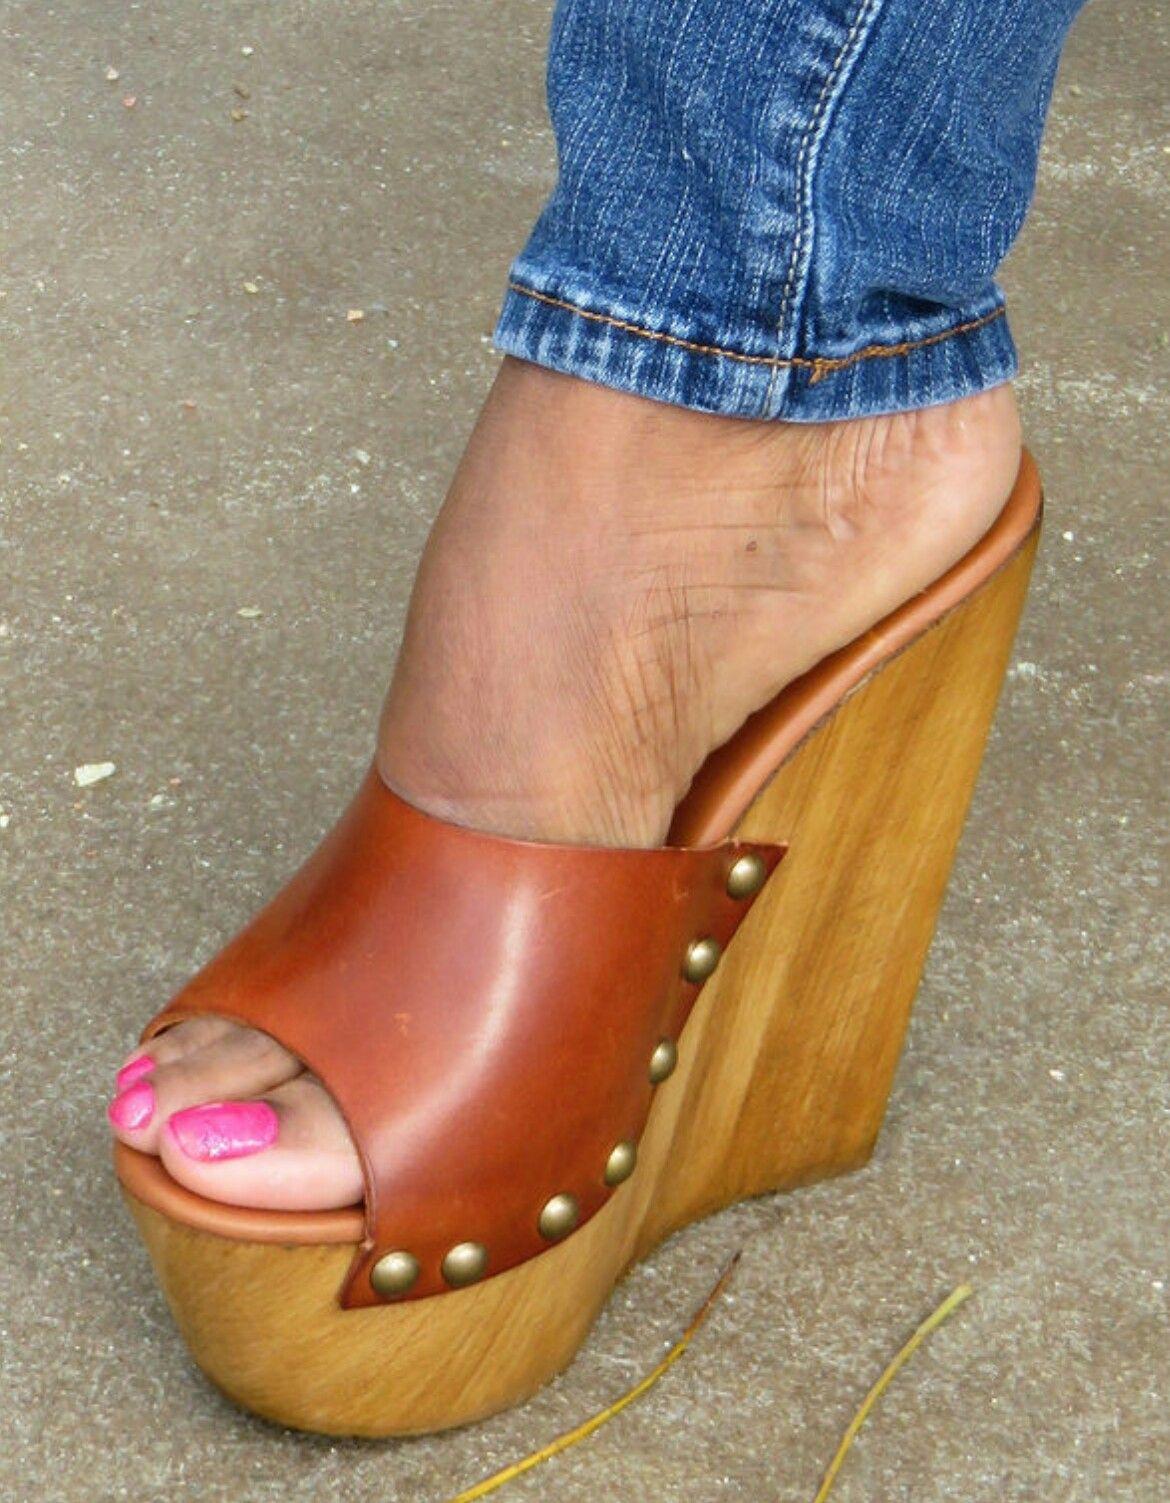 Été Nouveau Femmes Sandales Mode Chaussures Compensées dames blanches sexy Slipper en cuir,Orange,5